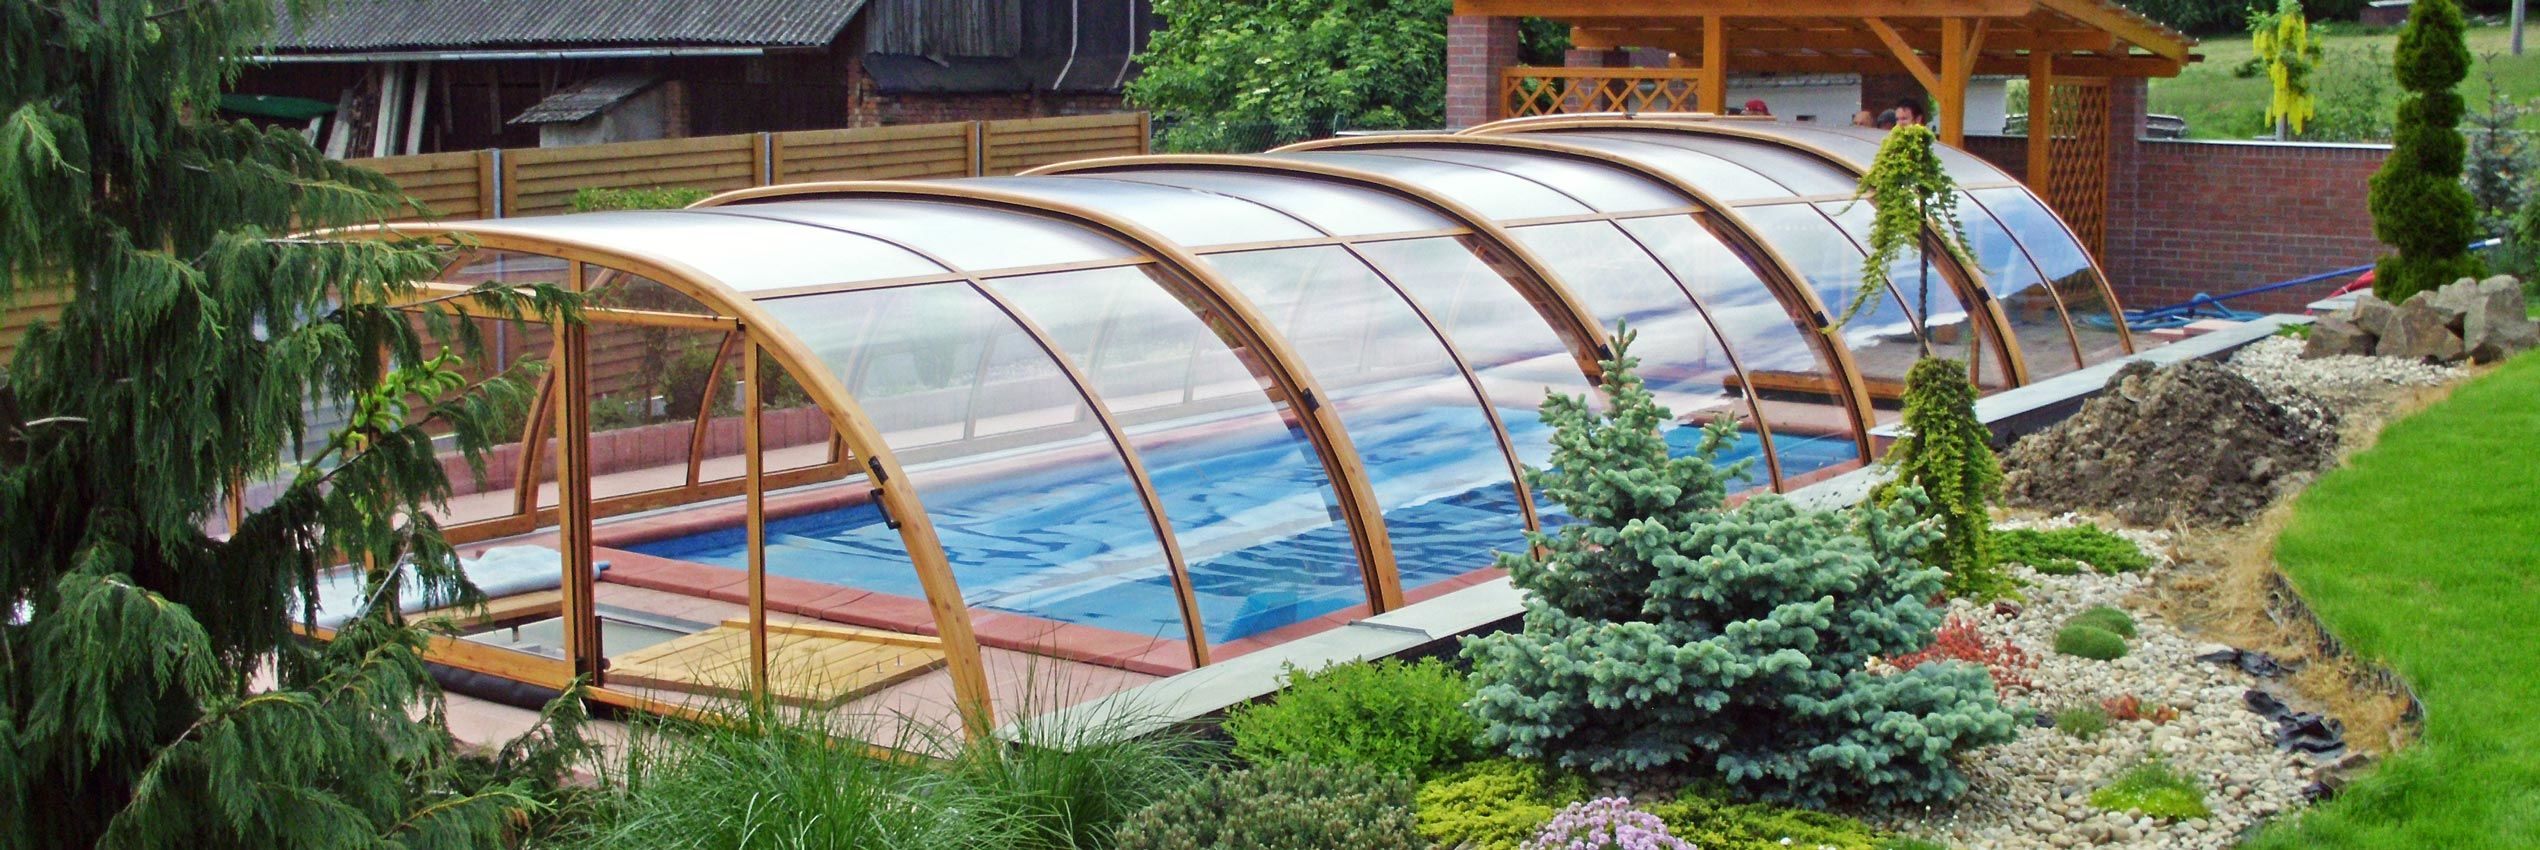 pool enclosures 41